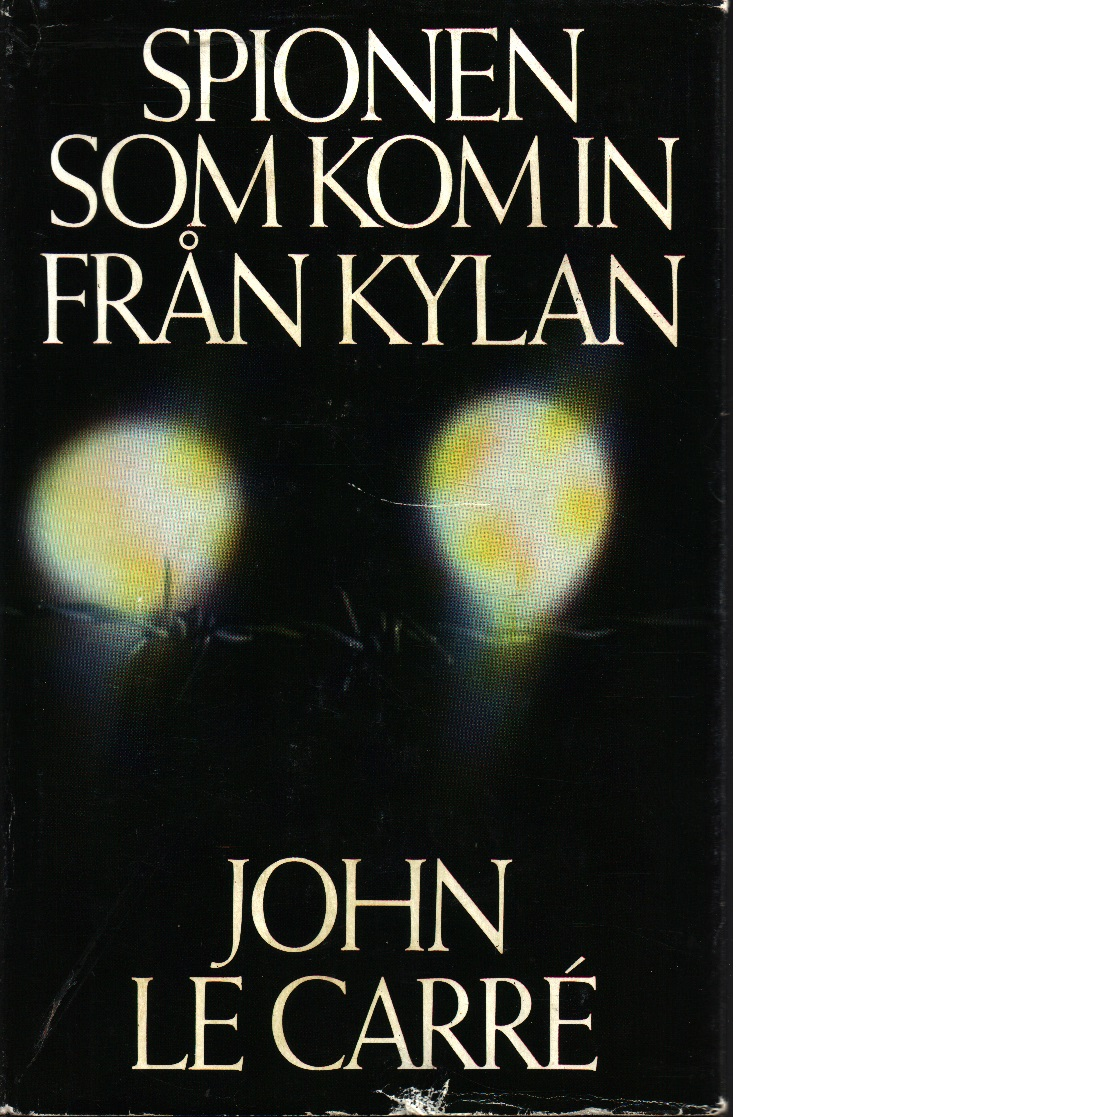 Spionen som kom in från kylan - le Carré, John